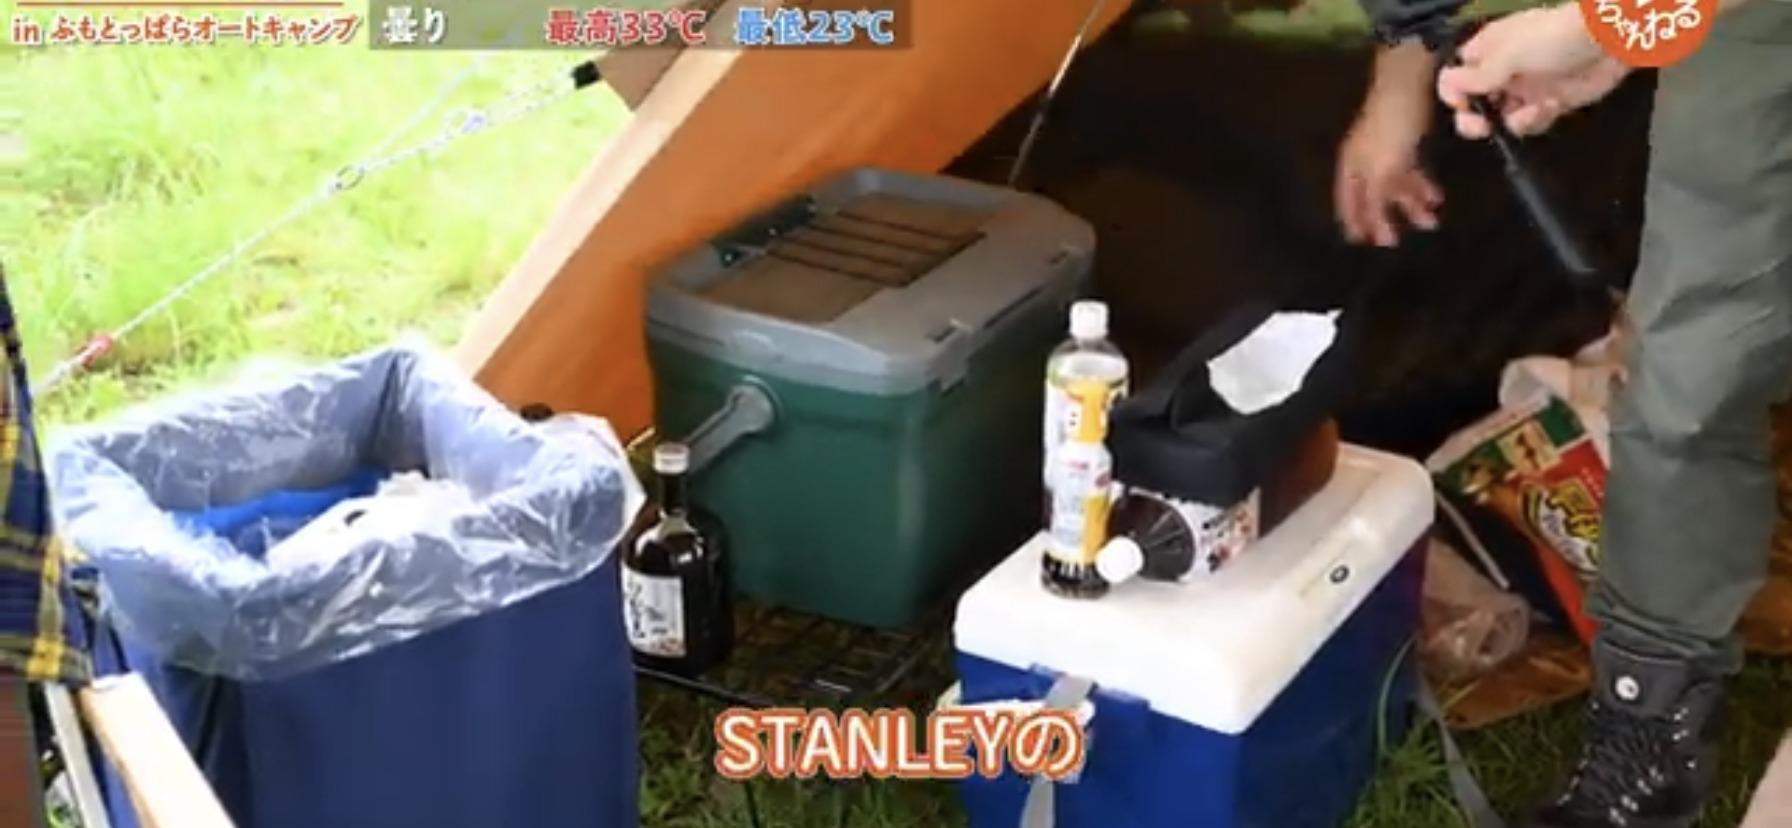 クーラーボックス:【STANLEY(スタンレー)】